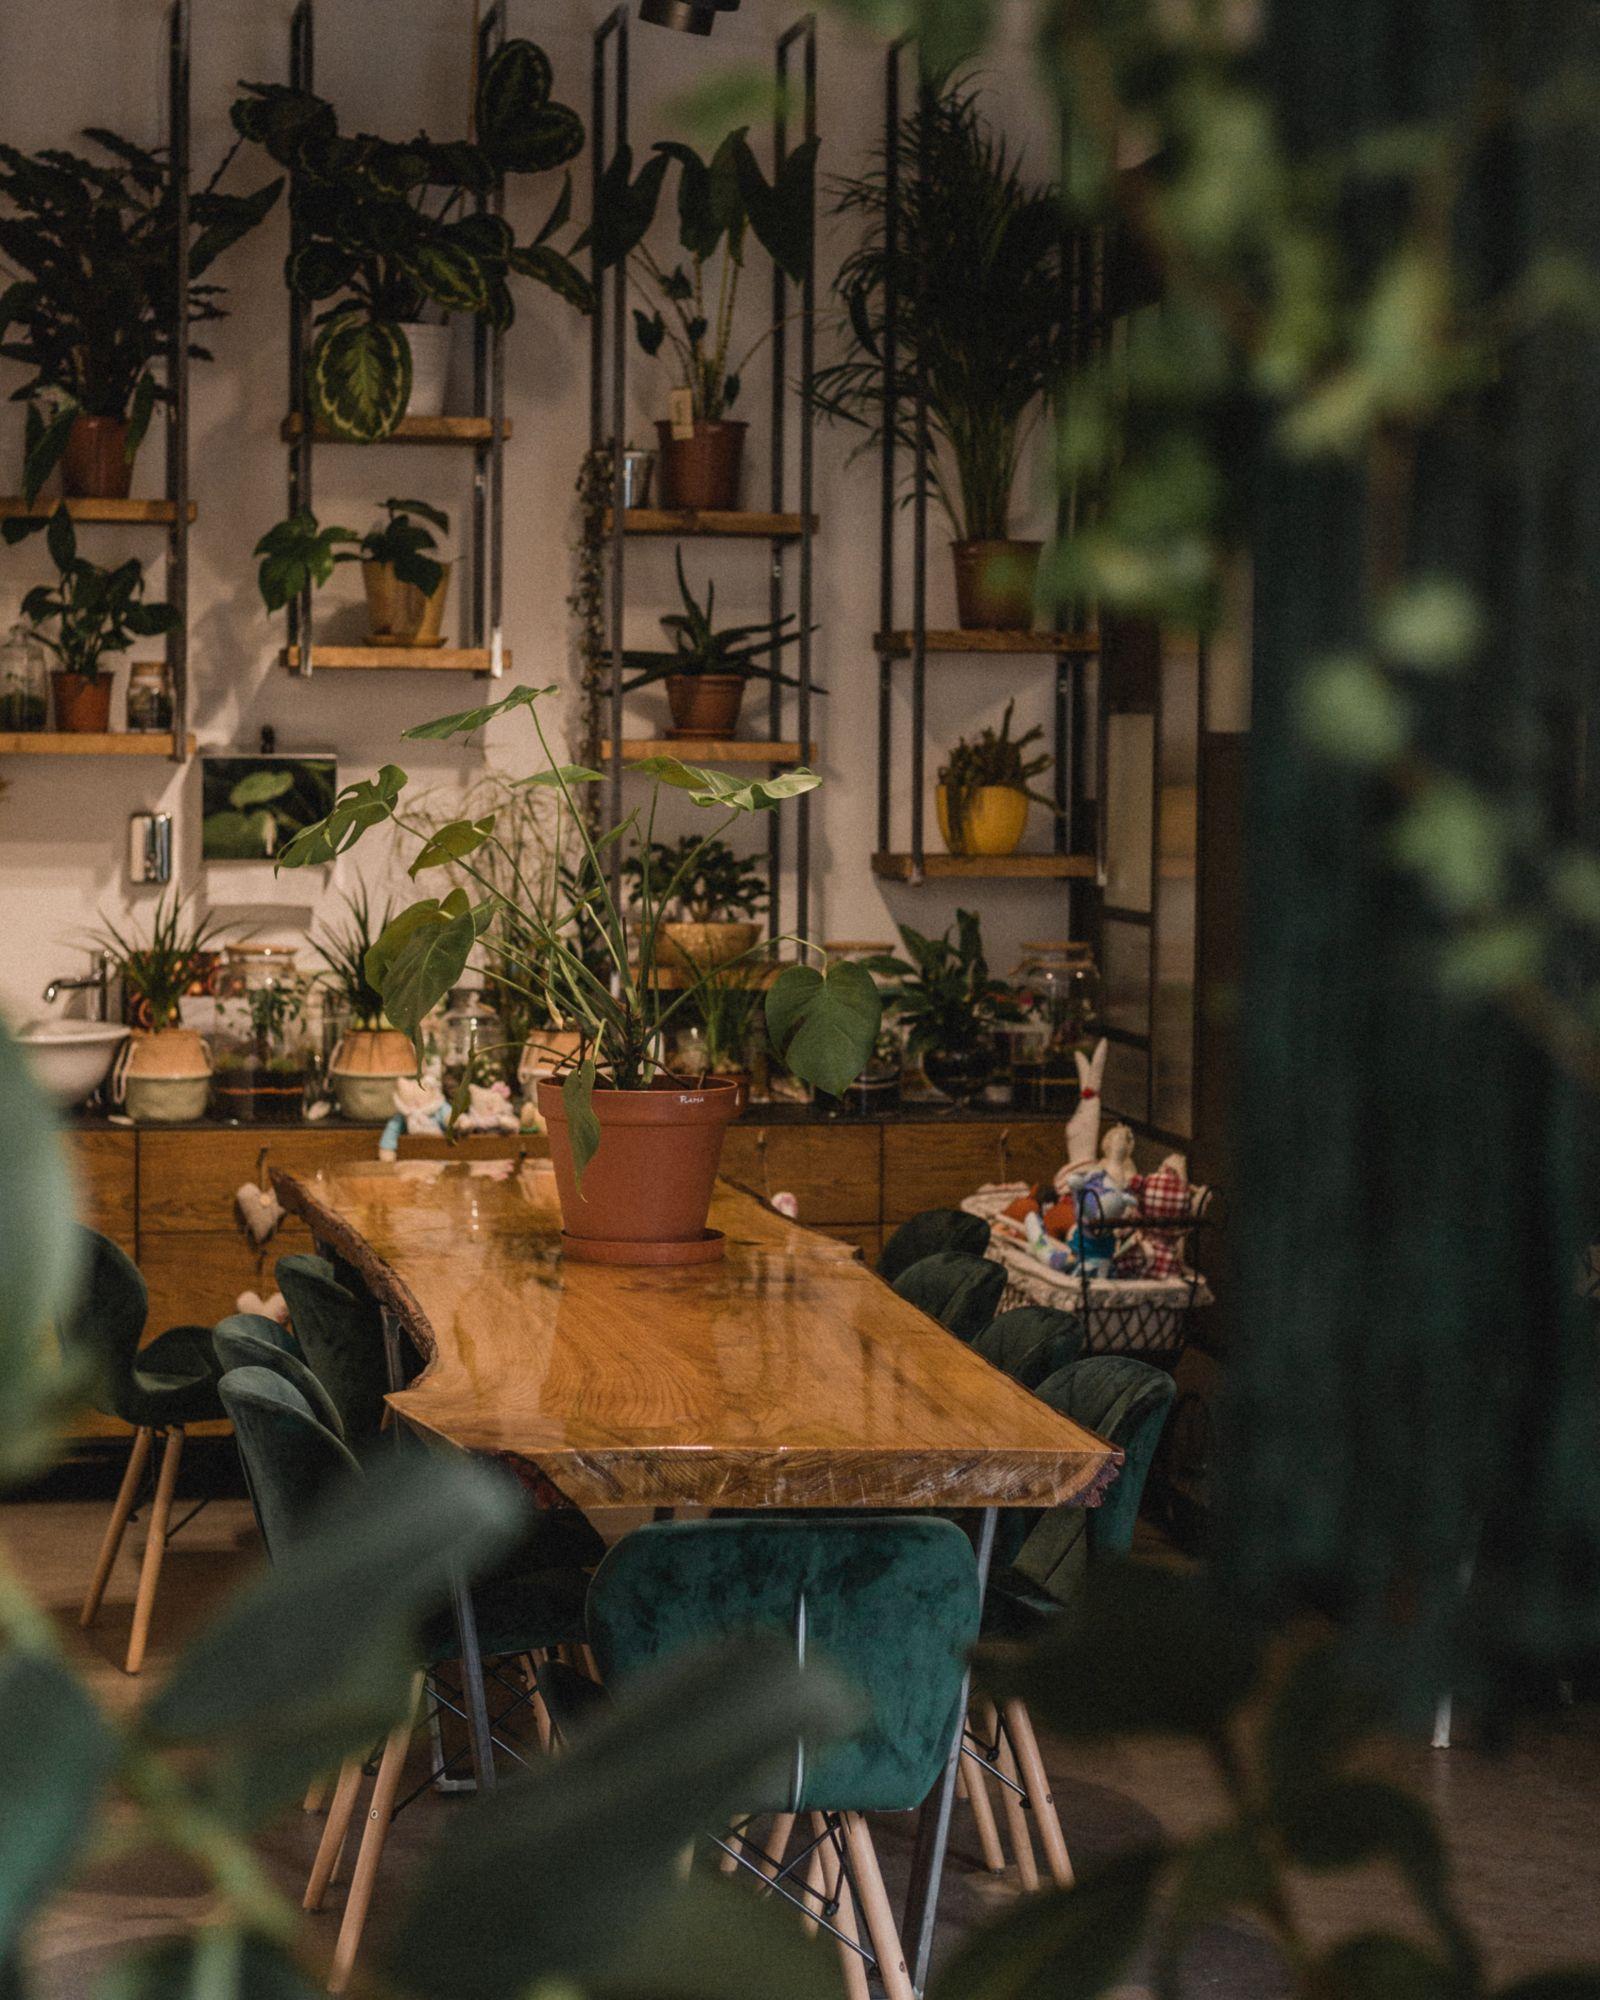 sala da pranzo con piante